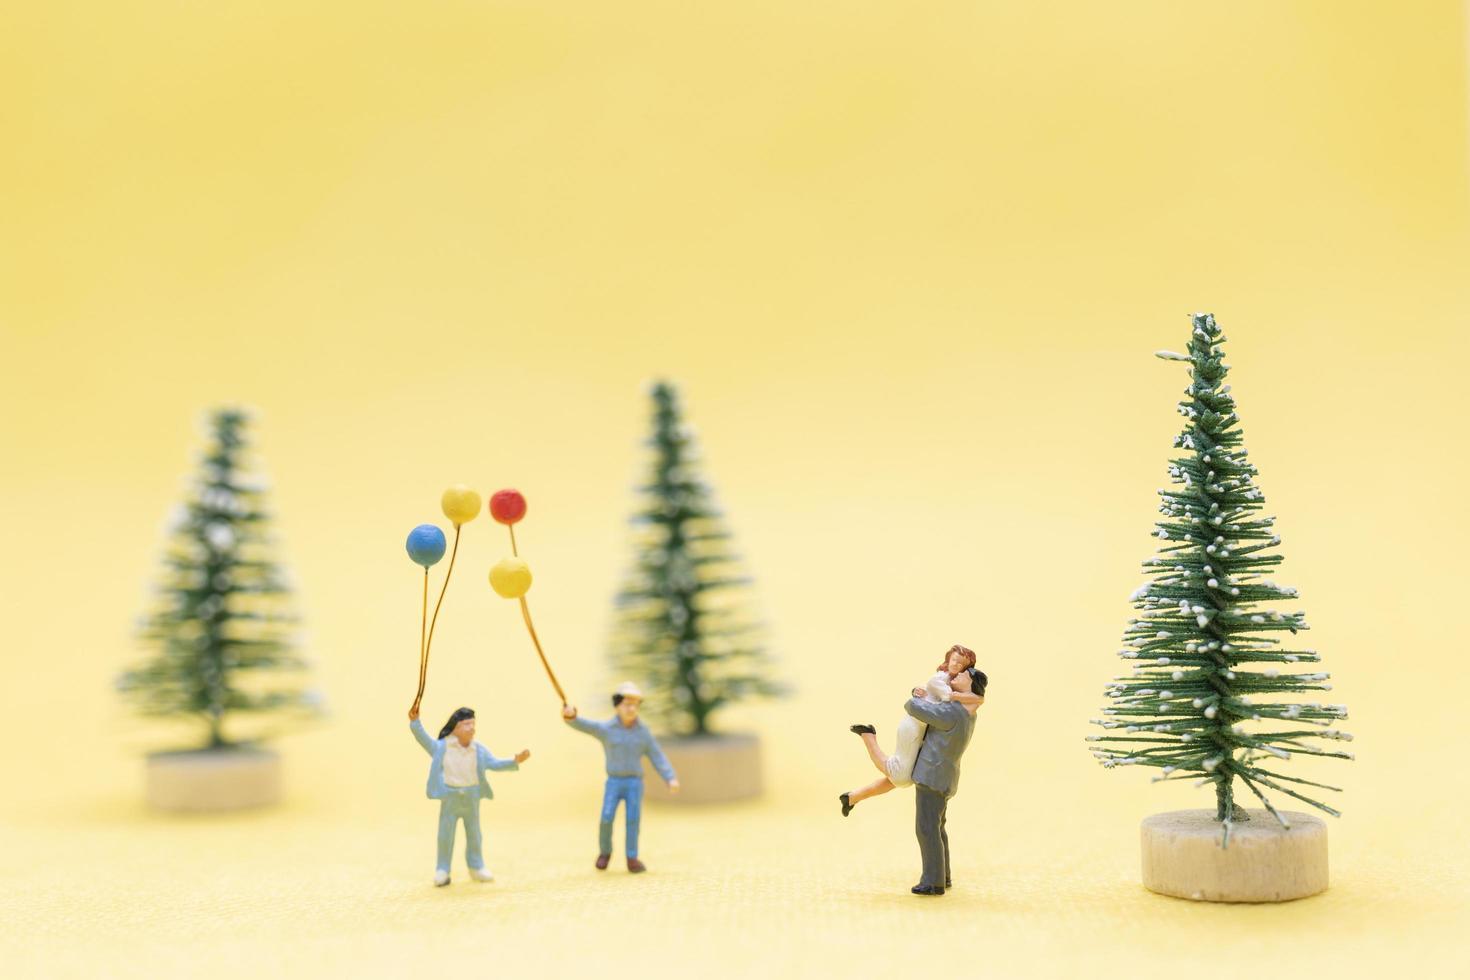 gruppo di figurine mini persone che celebrano il Natale foto